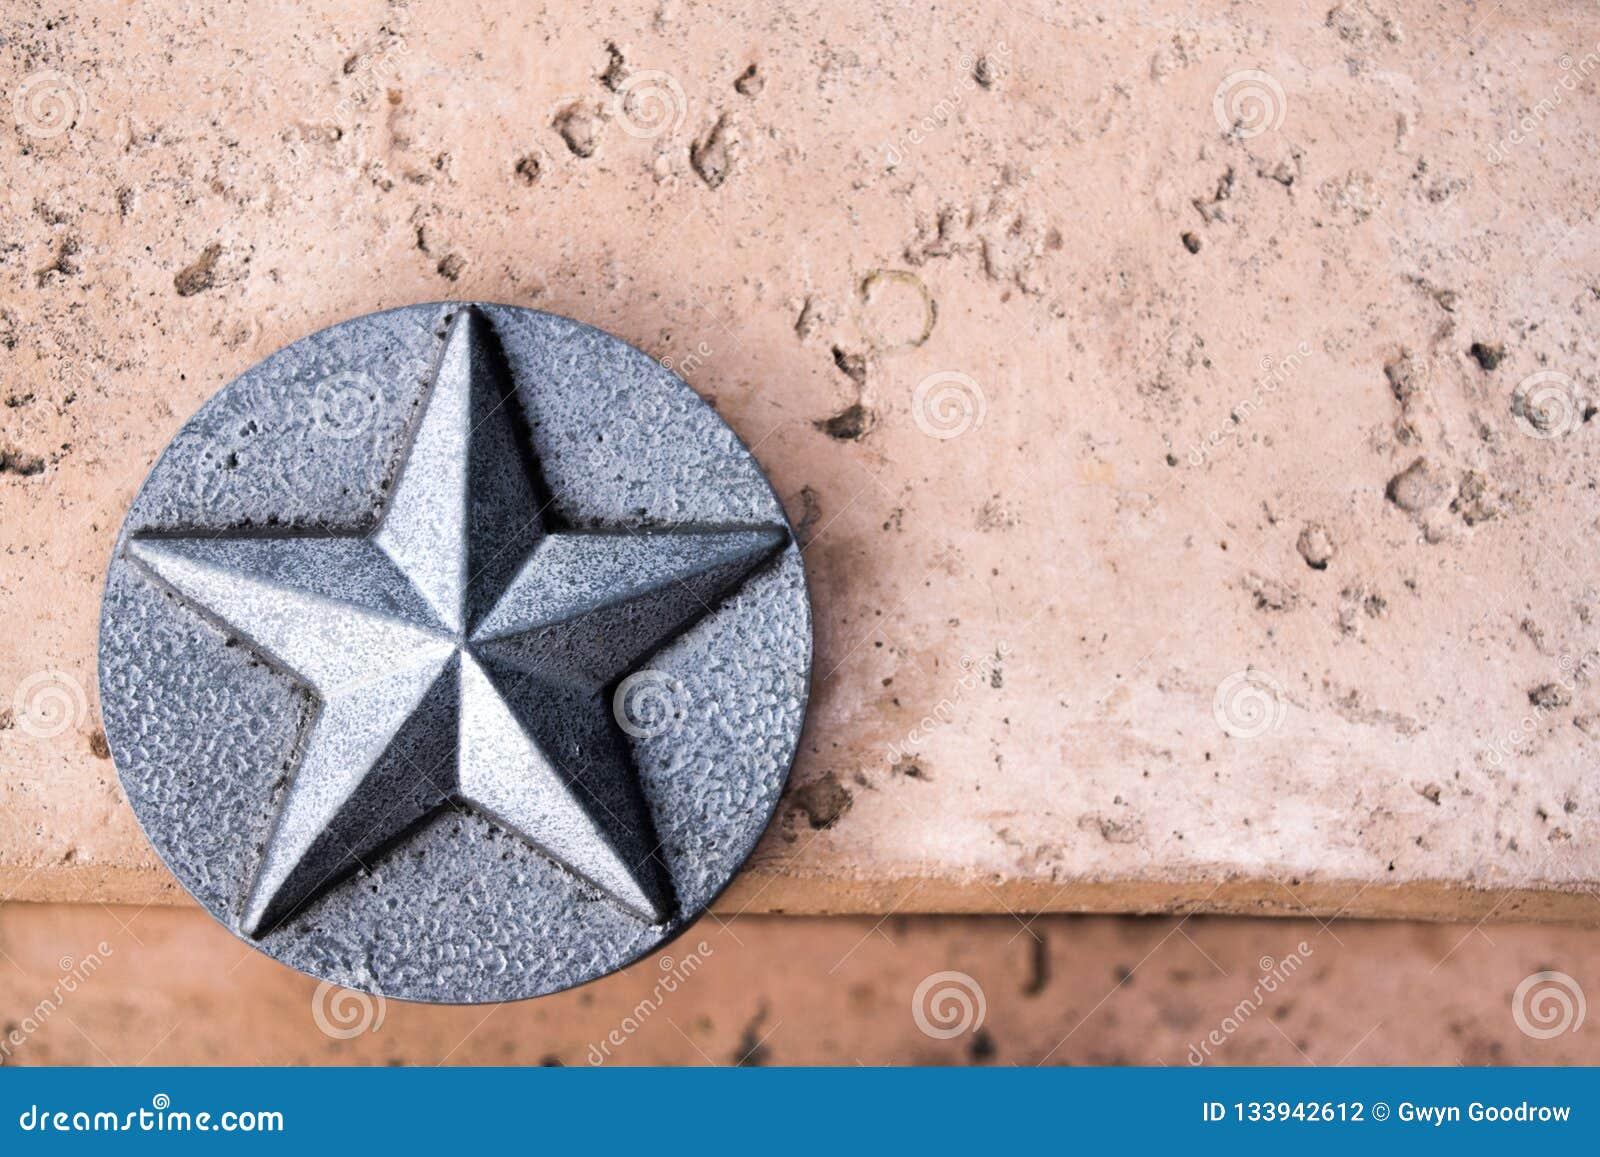 Lone Star do emblema de Texas Silver no concreto cor-de-rosa